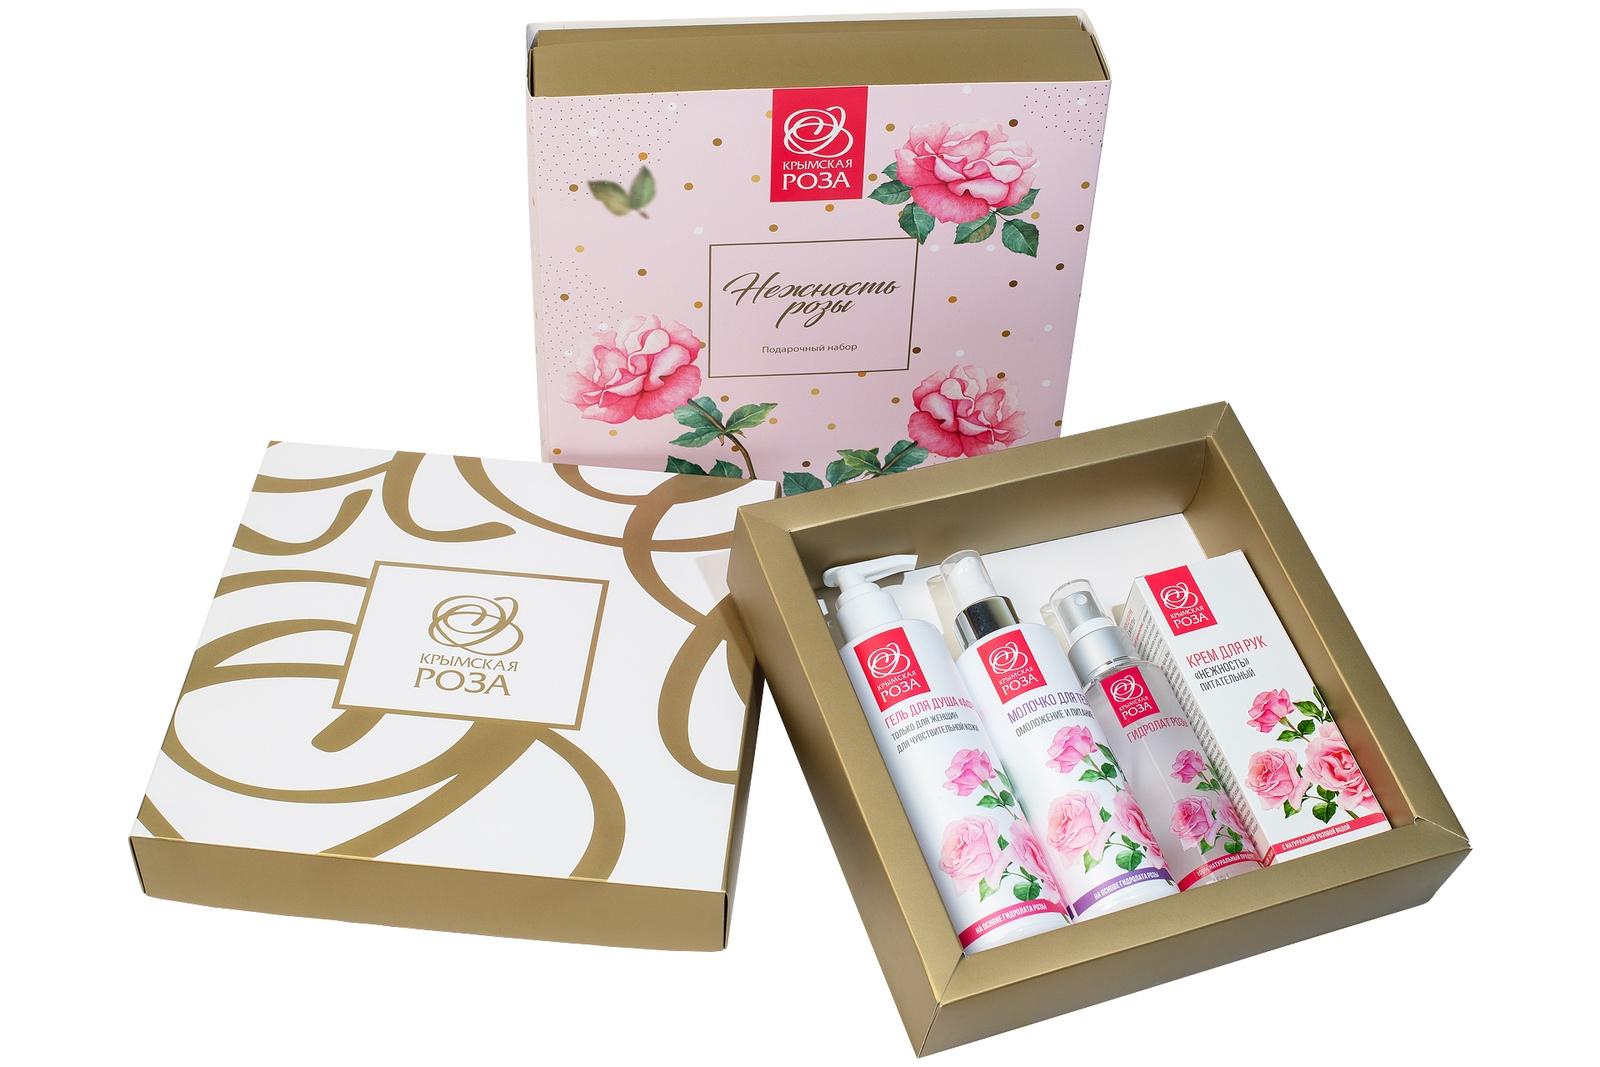 Набор косметики для ухода за кожей Крымская роза Нежность Розы, 900 недорго, оригинальная цена